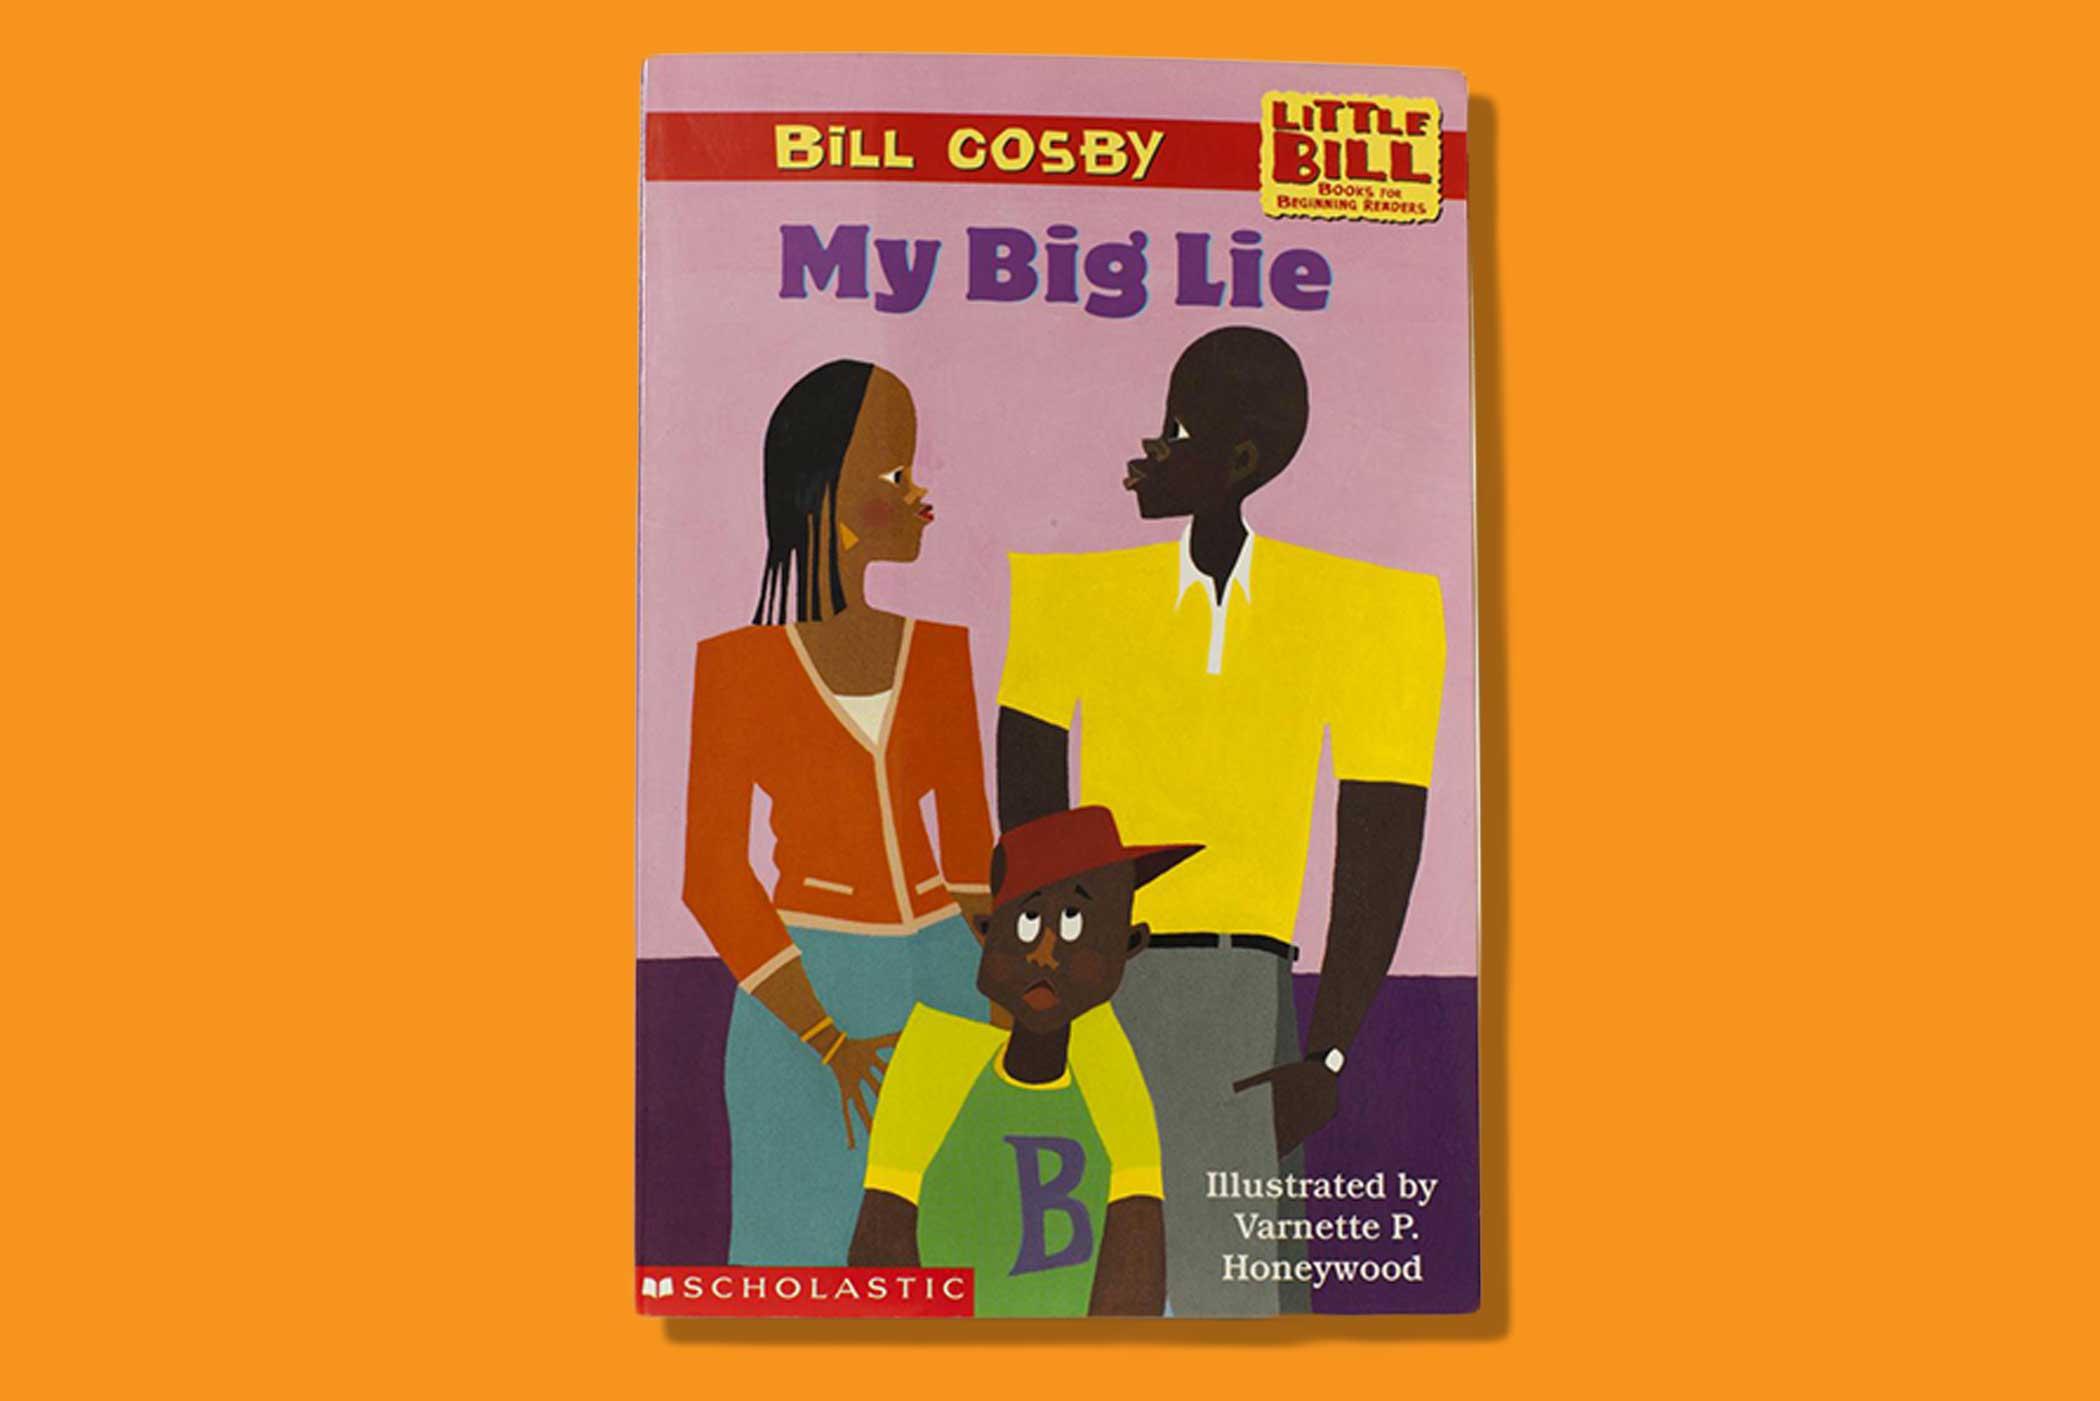 'My Big Lie' by Bill Cosby.